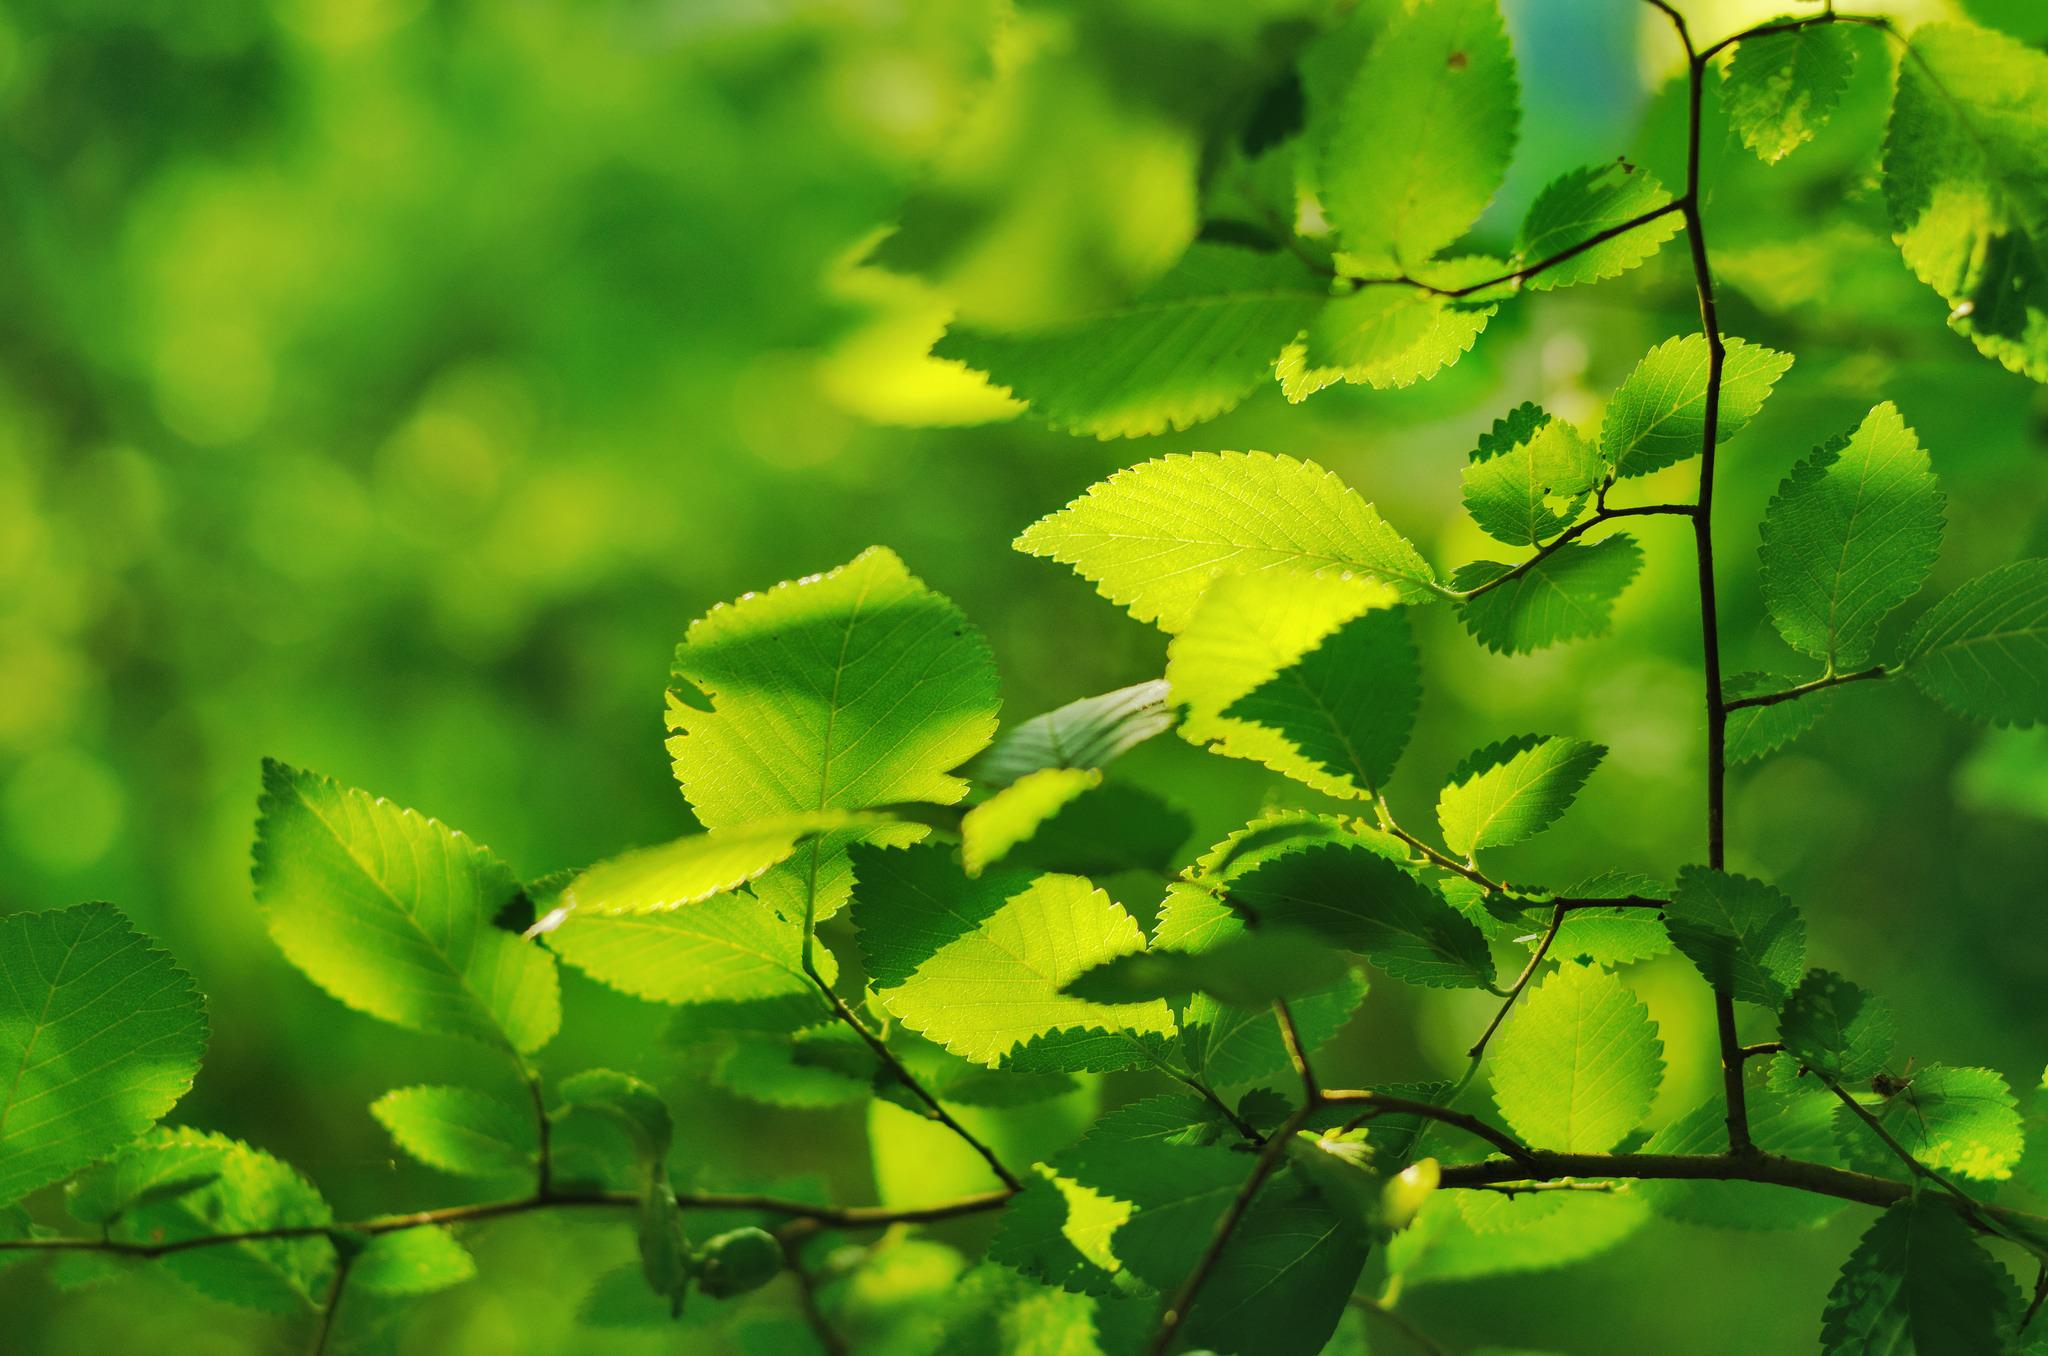 картинки природа листочки способом